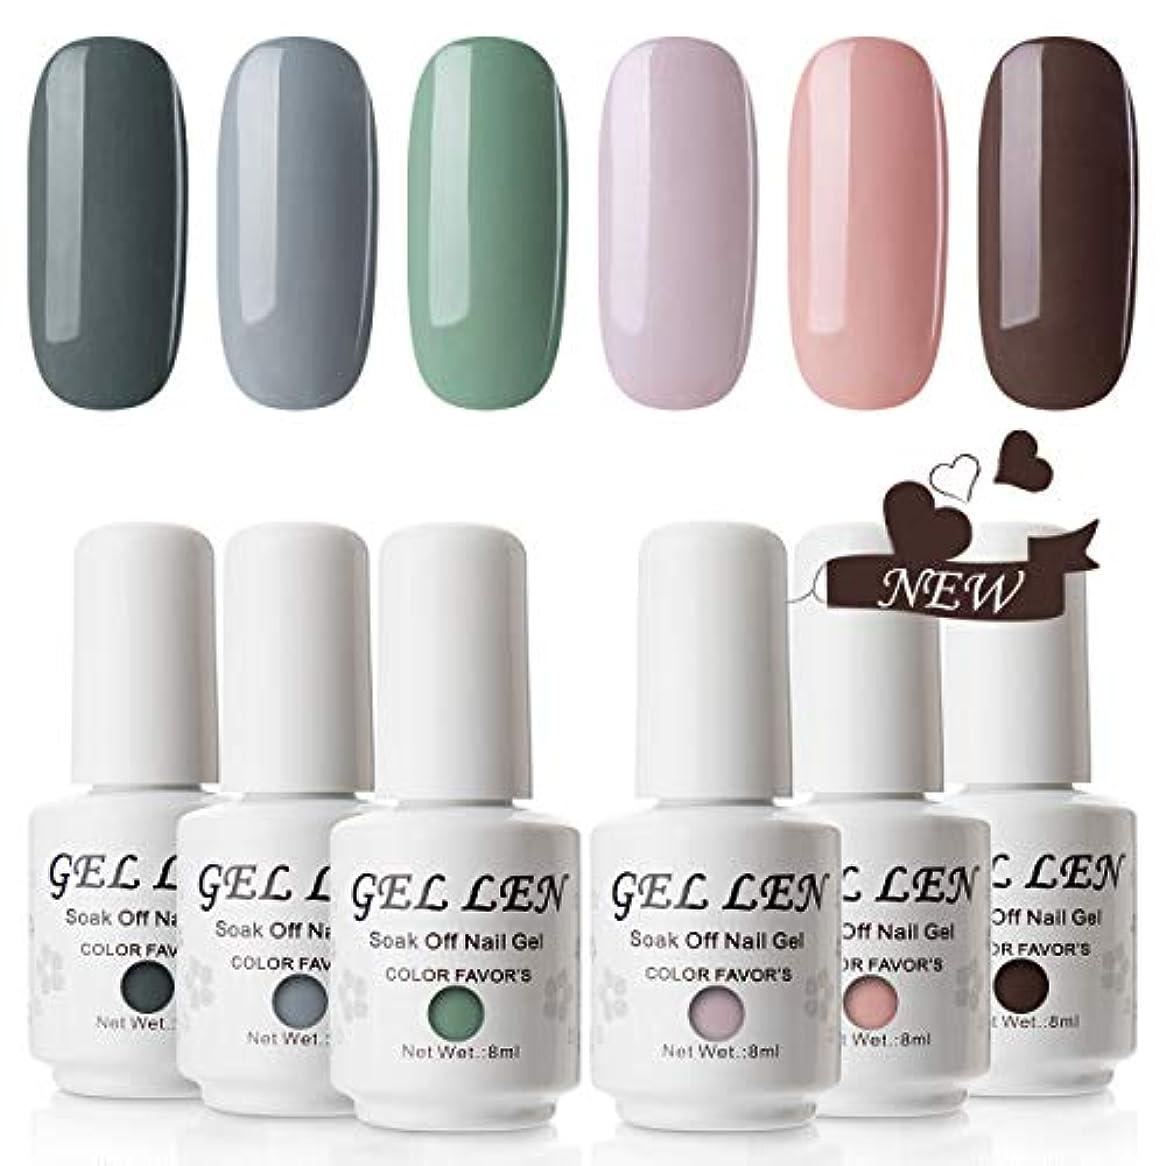 破裂チョコレートフローGellen ジェルネイル カラージェル 厳選6色 UV/LED ラメ 全ての女性に愛されるカラー 8ml くすみカラー 和色